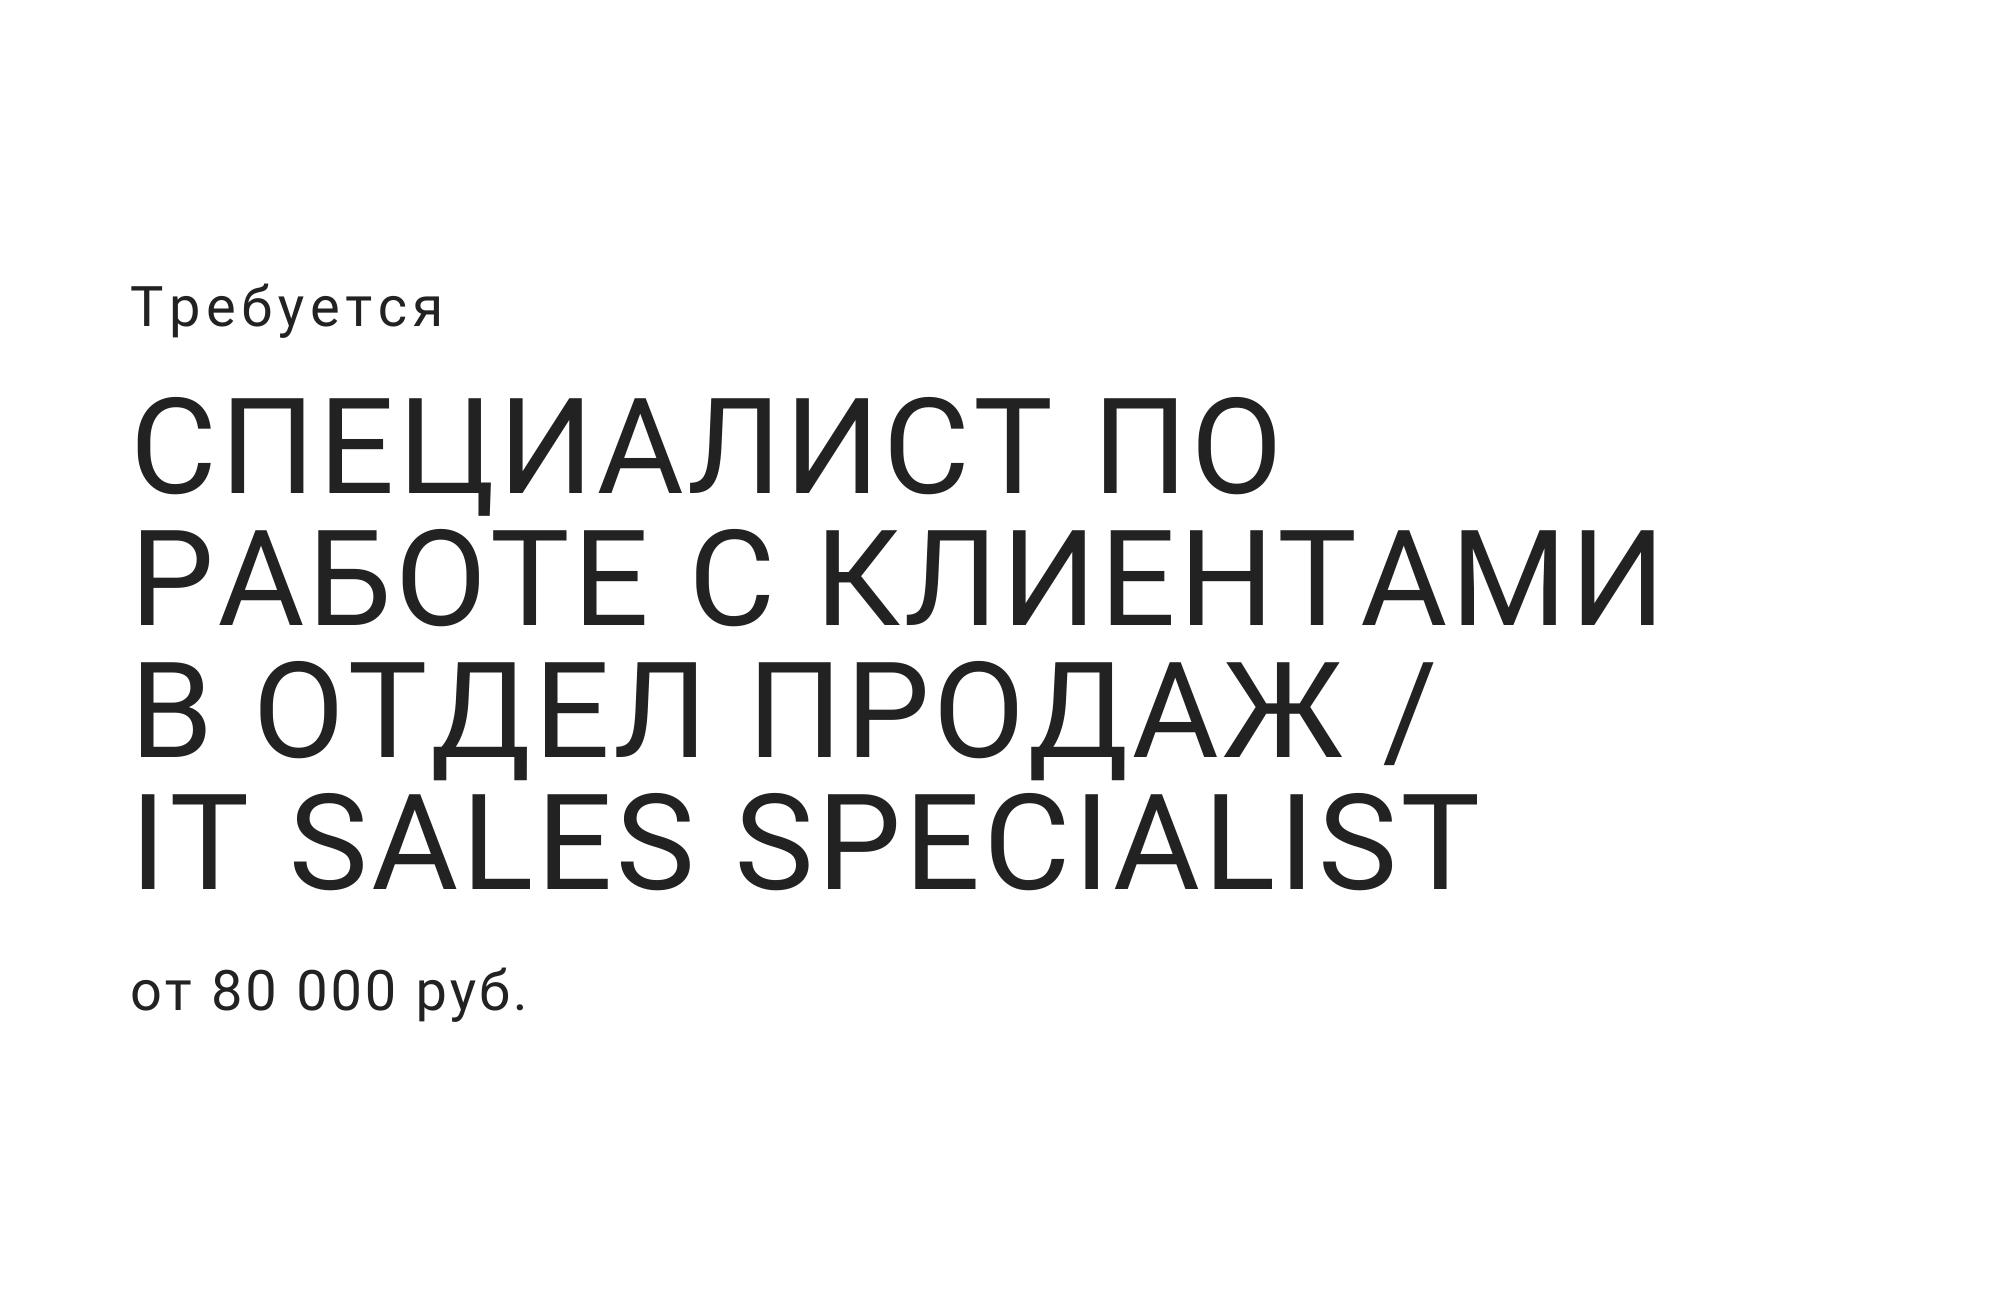 IT Sales Specialist / Специалист по работе с клиентами в отдел продаж